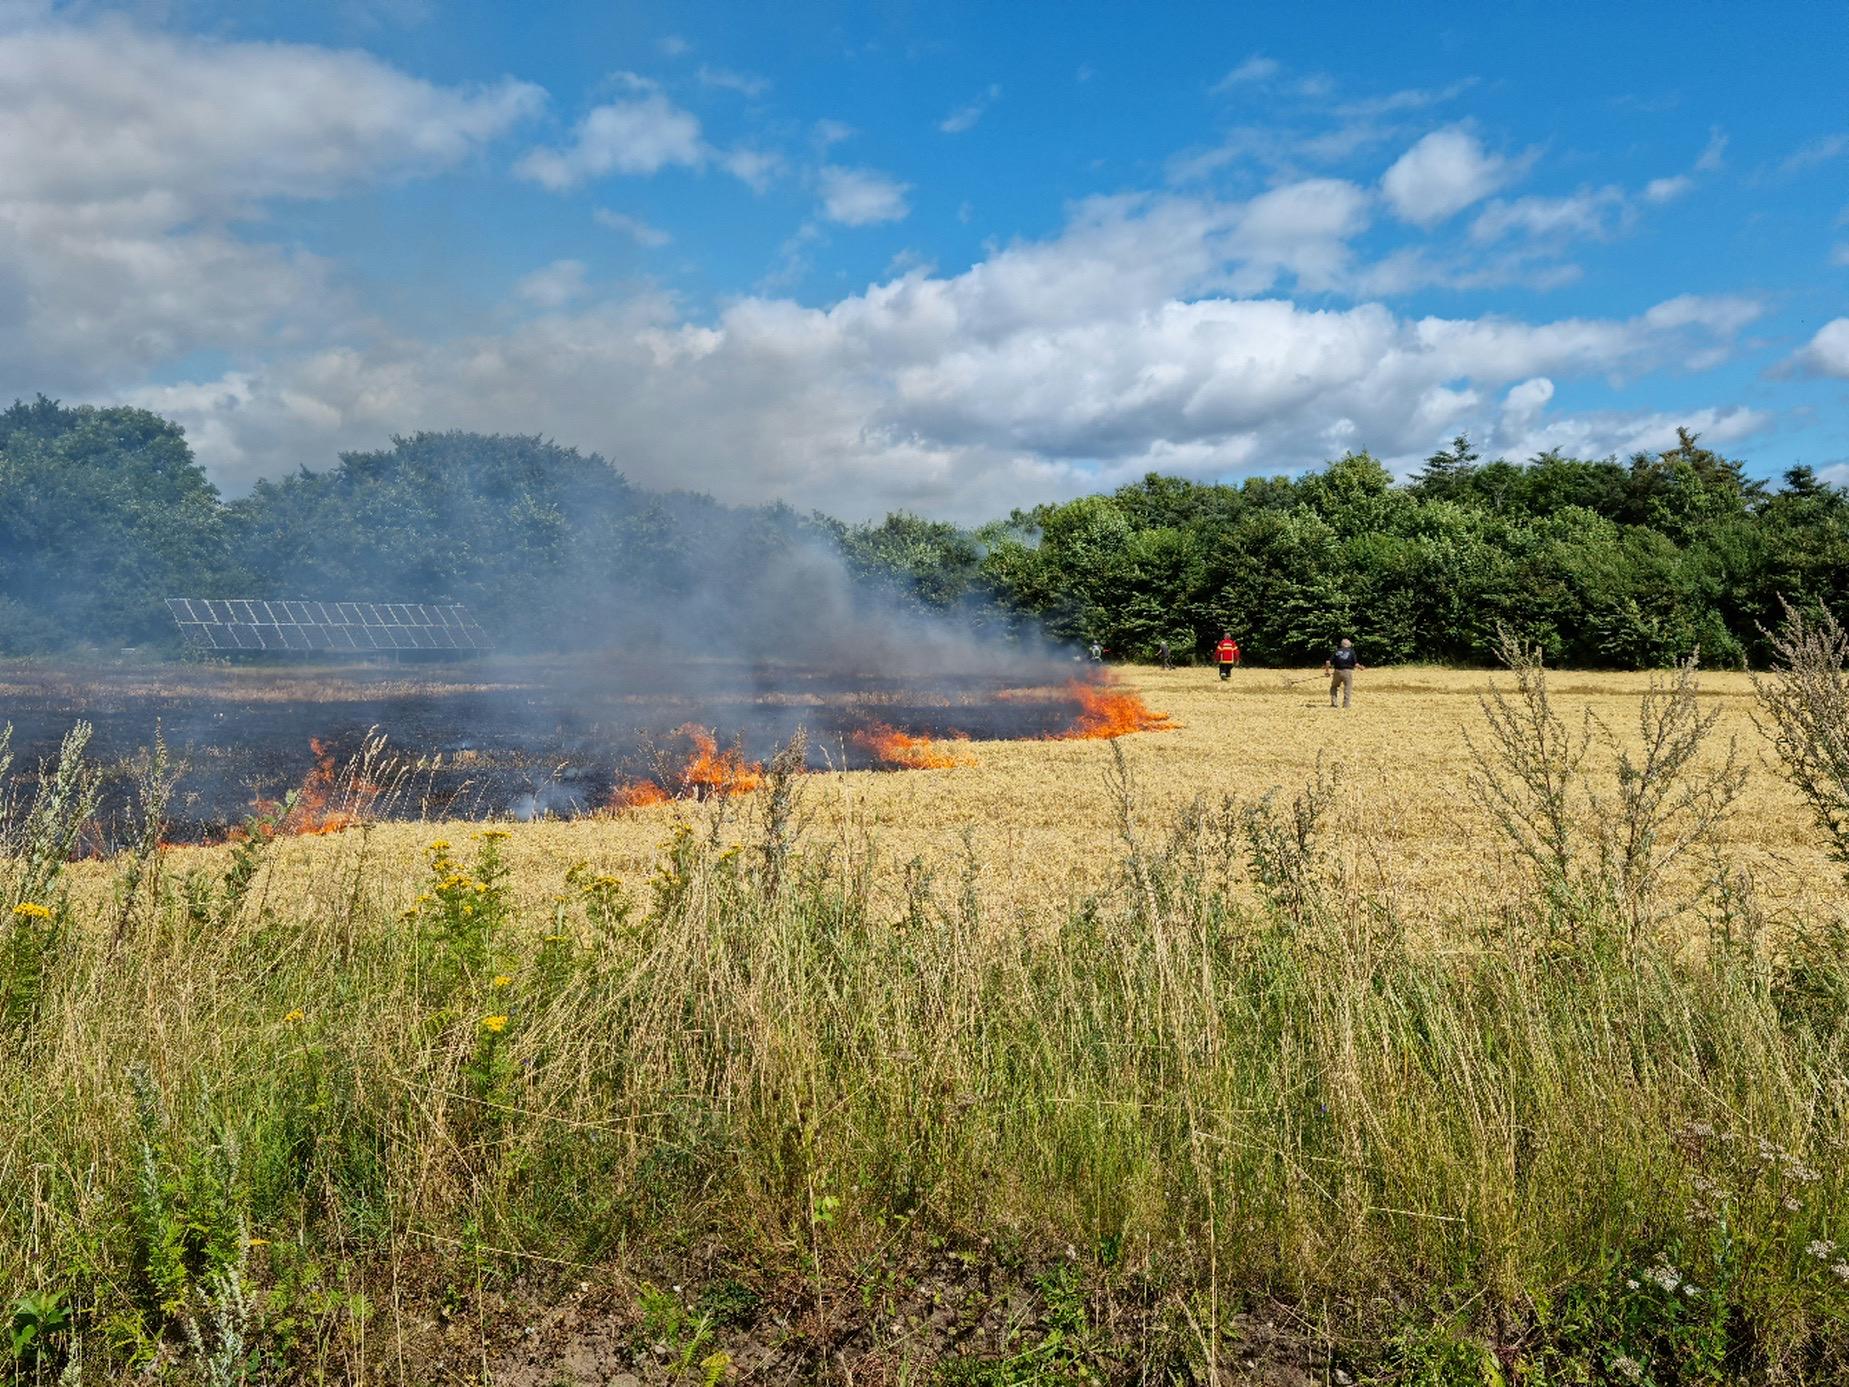 Mark med afgrøder brudt i brand